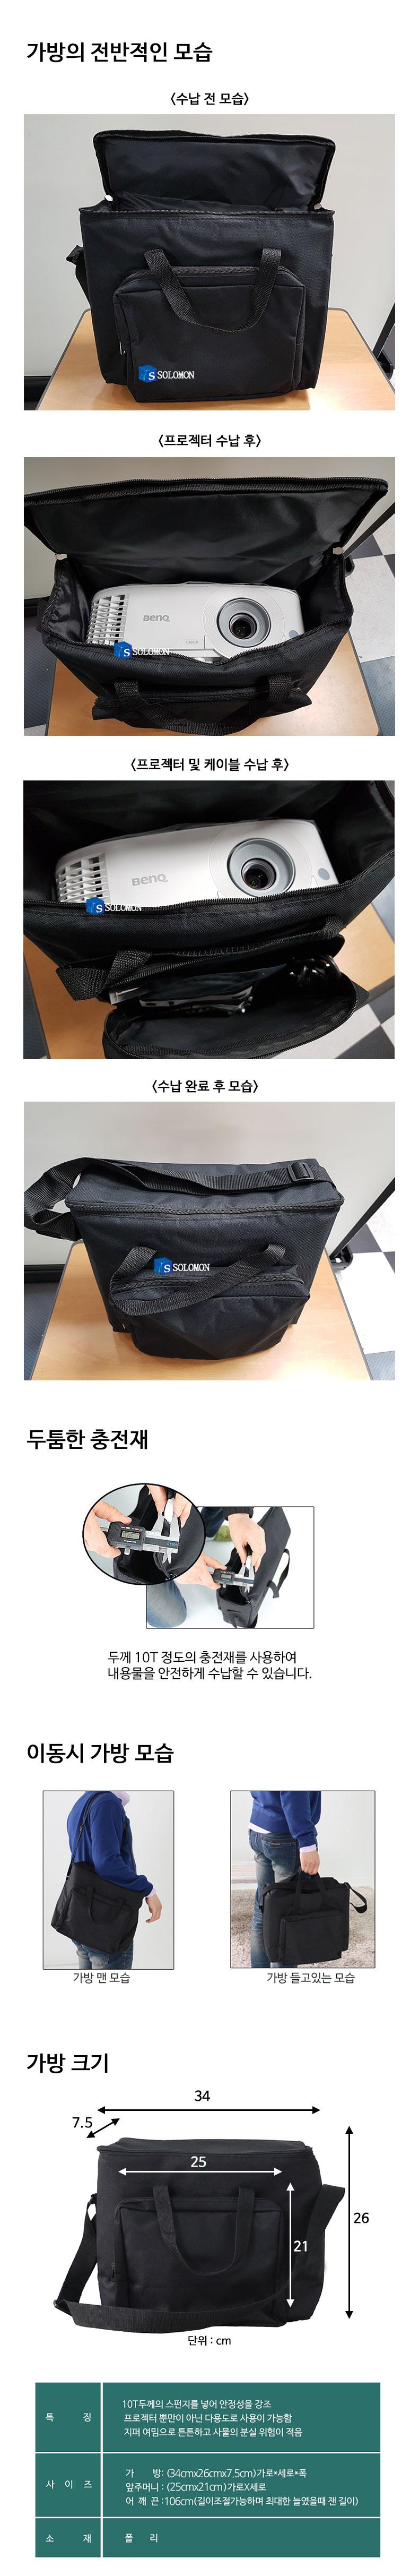 뷰소닉 정품가방 프로젝터 가방